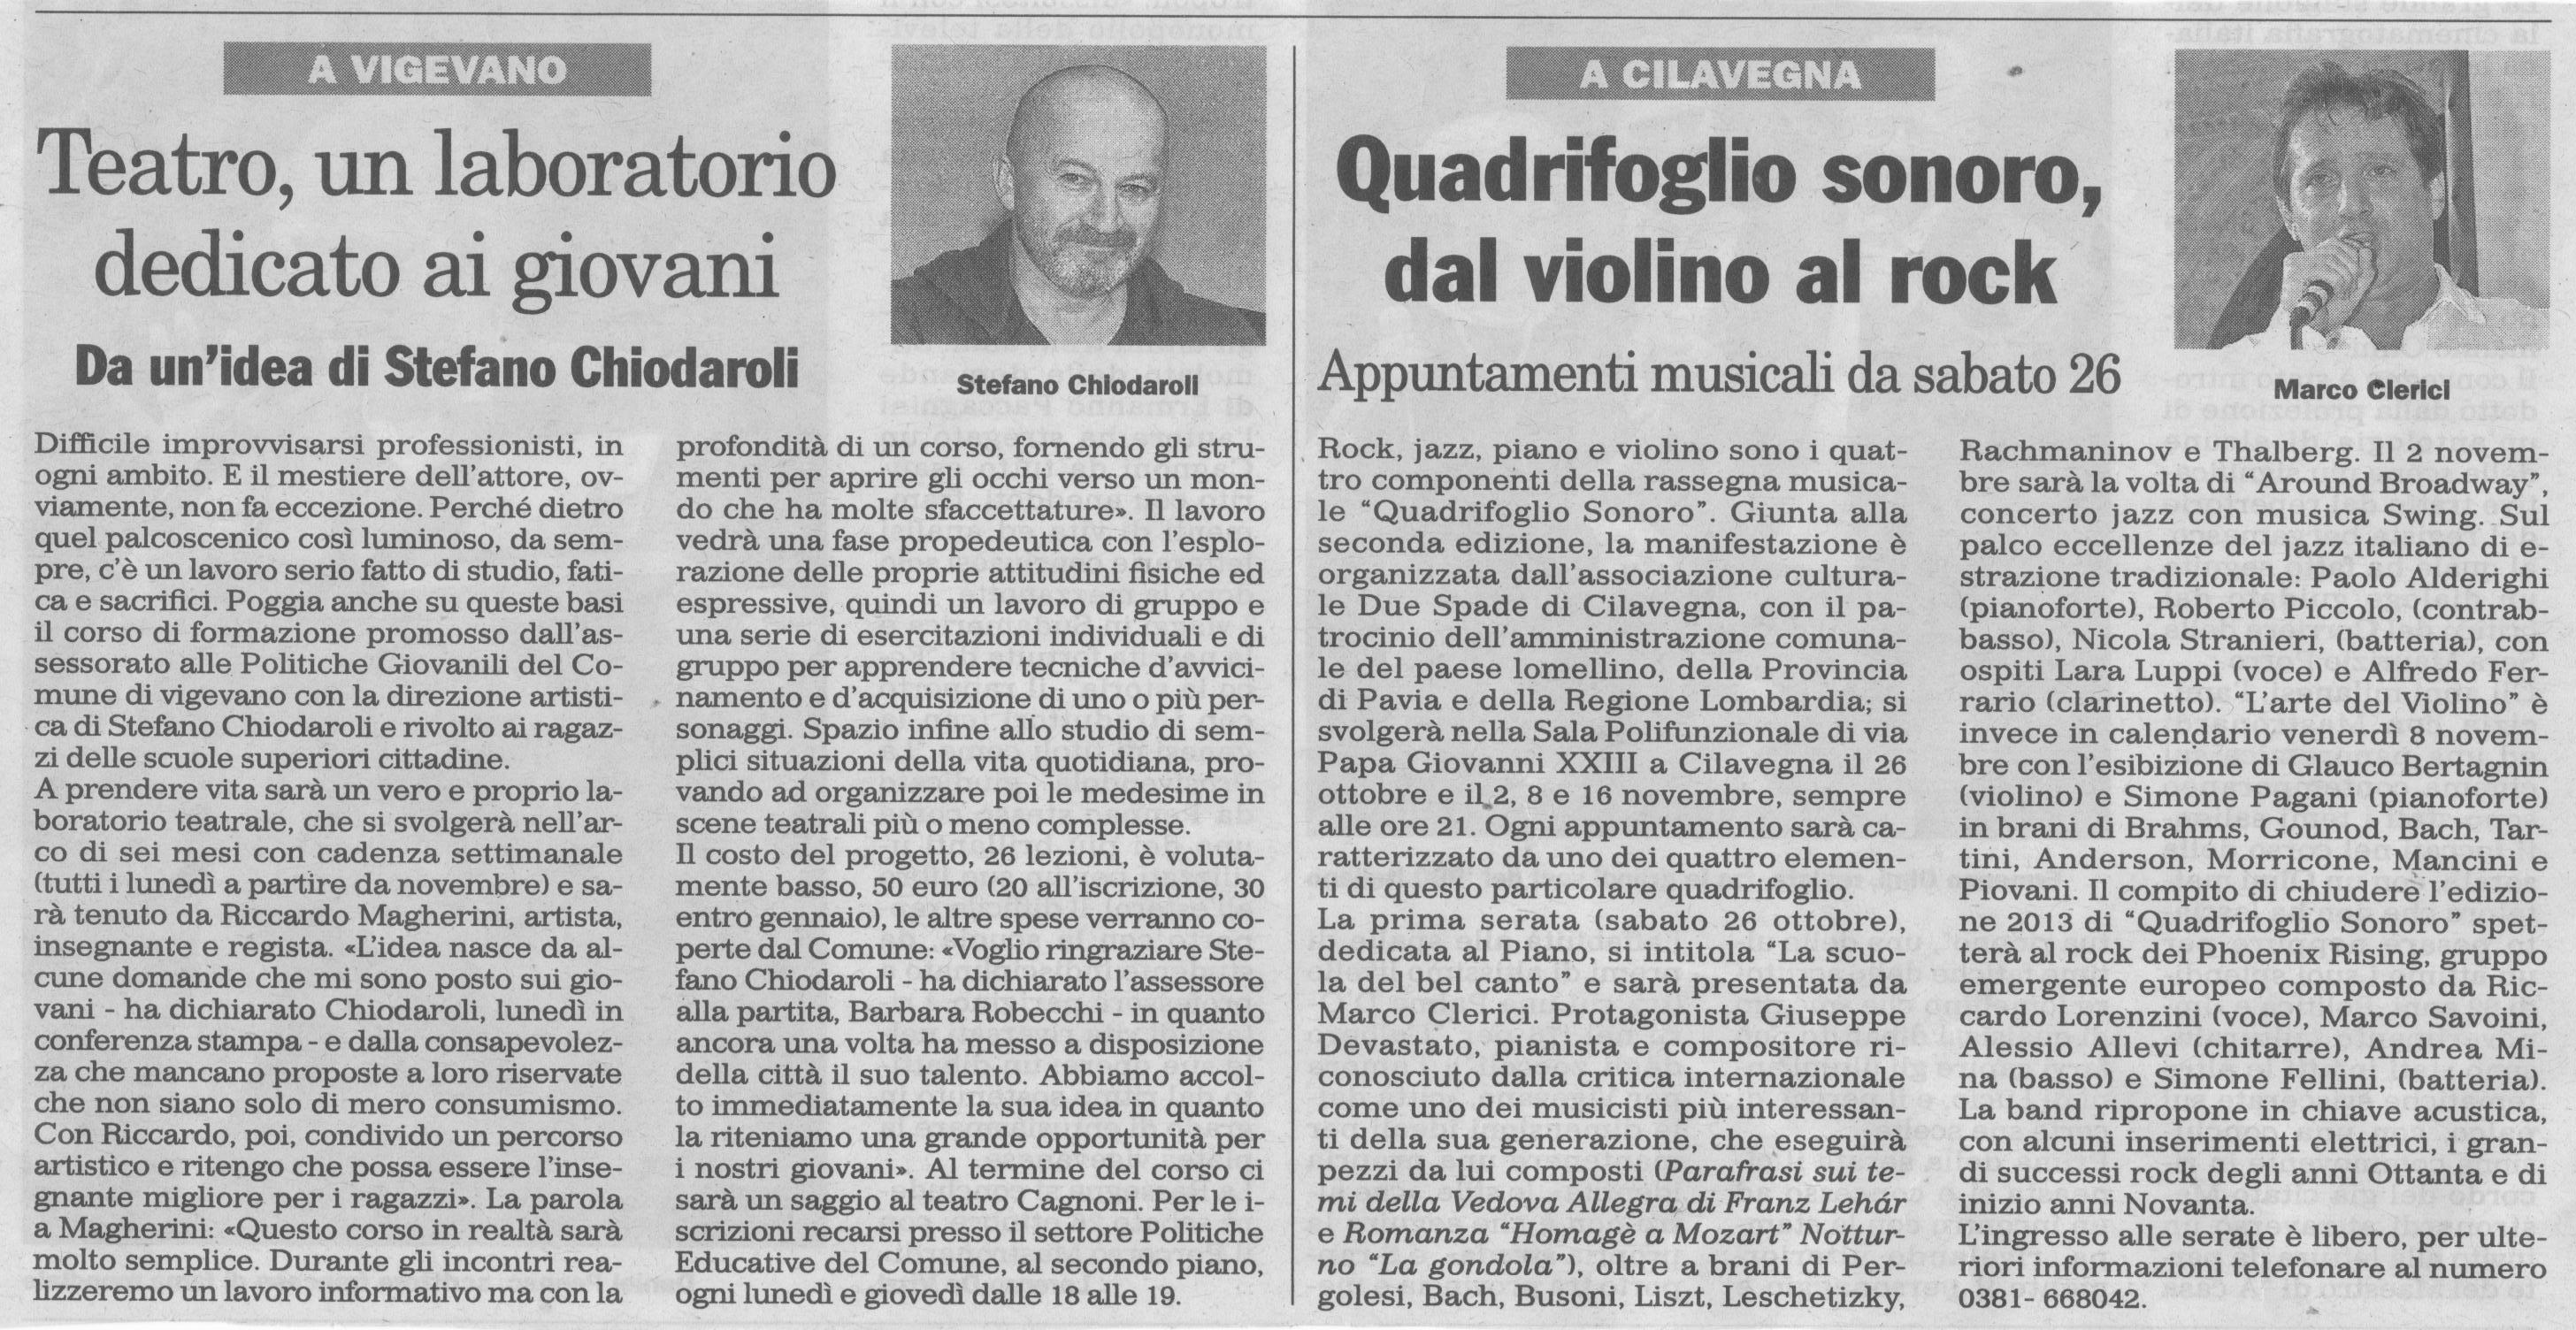 Quadrifoglio Sonoro a Cilavegna - Presenta Marco Clerici